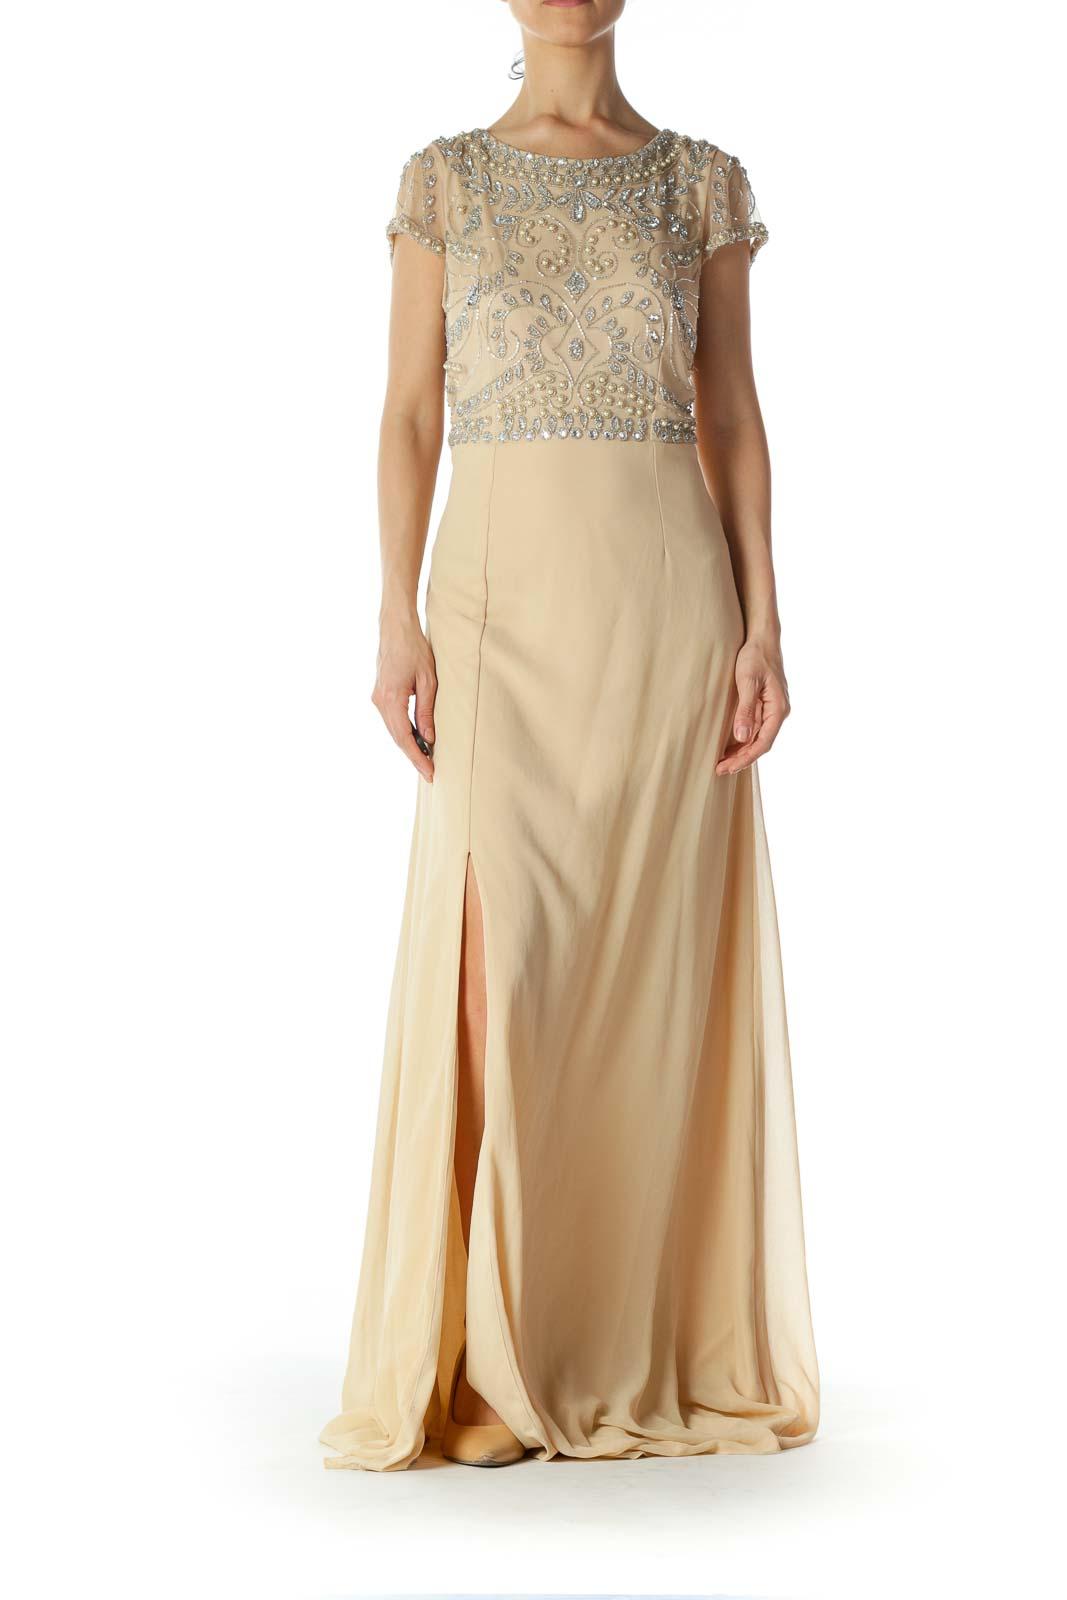 Beige Embellished-Upper Lace Evening Dress